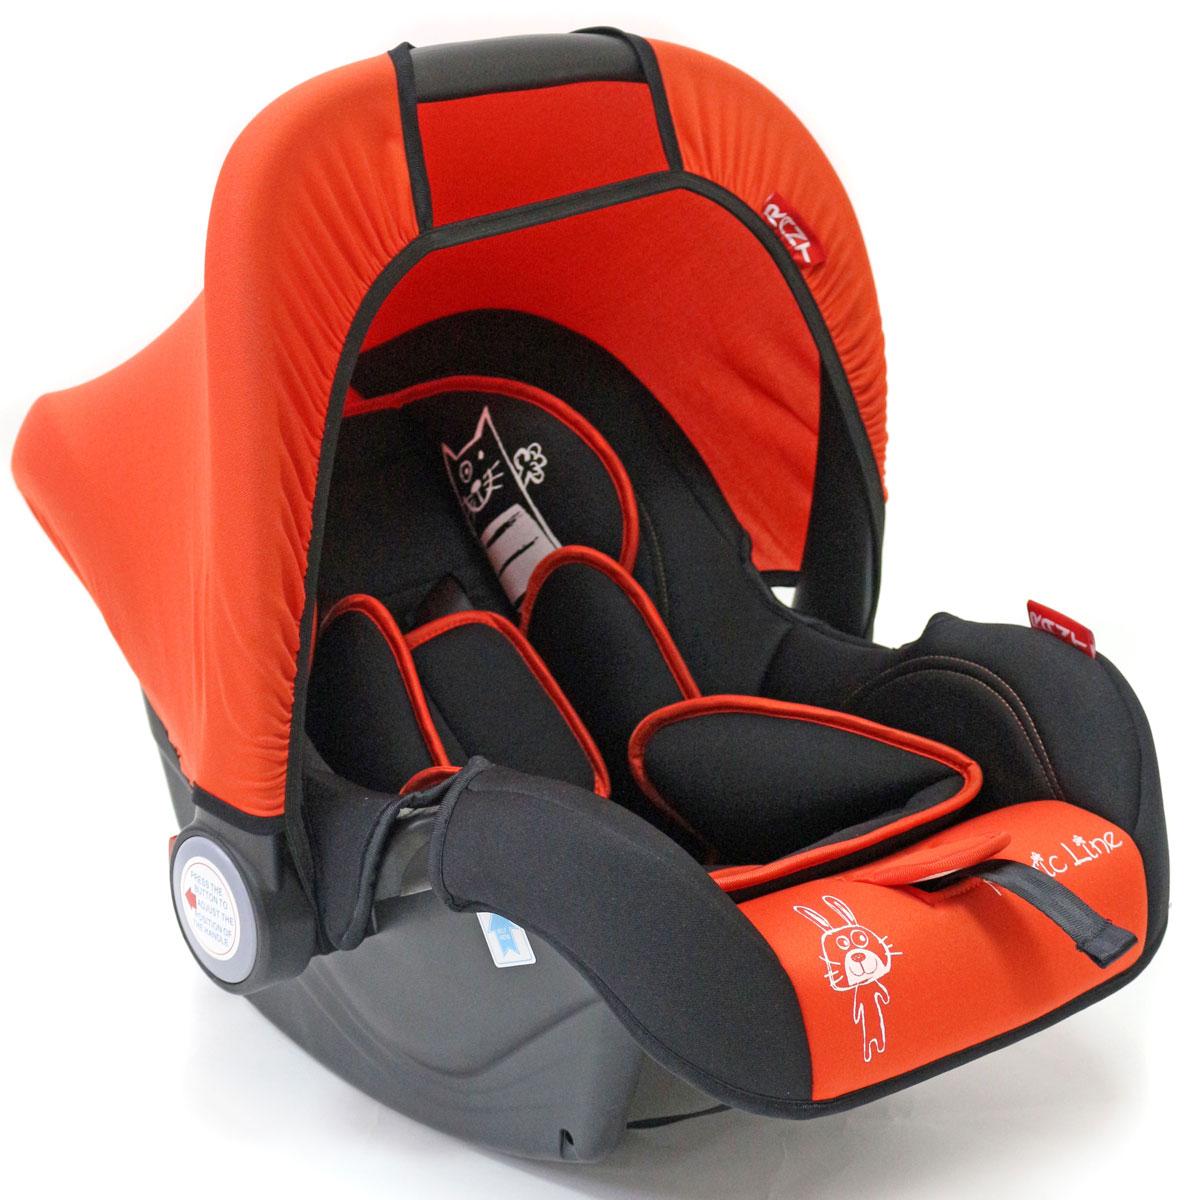 Rant Автокресло Miracle цвет красный до 13 кг4630008876657Детское автокресло-переноска Rant Miracle разработано для малышей весом до 13 кг (приблизительно до 12 месяцев). Особенности: Сиденье удобной формы с мягким вкладышем обеспечивает защиту и идеальное положение шеи и спины малыша, а также делает кресло комфортным и безопасным. Автокресло (переноска) Miracle имеет внутренние 3-х точечные ремни безопасности с плечевыми накладками (уменьшают нагрузку на плечи малыша). Накладки обеспечивают плотное прилегание и надежно удержат малыша в кресле в случае ударов. Ремни удобно регулировать под рост и комплекцию ребенка без особых усилий. Удобная ручка для переноски малыша регулируется в 4-х положениях: для устойчивости автокресла в автомобиле, для переноски малыша, вне автомобиля автокресло можно использовать как кресло-качалку или кресло-шезлонг. Съемный тент защитит от яркого солнца или ветра, когда вы гуляете с малышом на свежем воздухе. Съемный чехол автокресла Miracle изготовлен из гипоаллергенной эластичной ткани, легко чистится и стирается вручную или в деликатном режиме в стиральной машине при температуре 30°. Установка и крепление: Автокресло (переноска) Miracle устанавливается лицом против движения автомобиля и крепится штатными автомобильными ремнями. Ребенок фиксируется внутренними ремнями безопасности. Такое положение обеспечивает максимальную безопасность маленькому пассажиру. Рекомендуется устанавливать автокресло на заднем сиденье автомобиля. Производитель допускает перевозку на переднем сиденье, в этом случае необходимо отключить фронтальные подушки безопасности. Автокресло (переноска) Miracle сертифицировано и соответствует европейскому стандарту безопасности ECE R44-04.